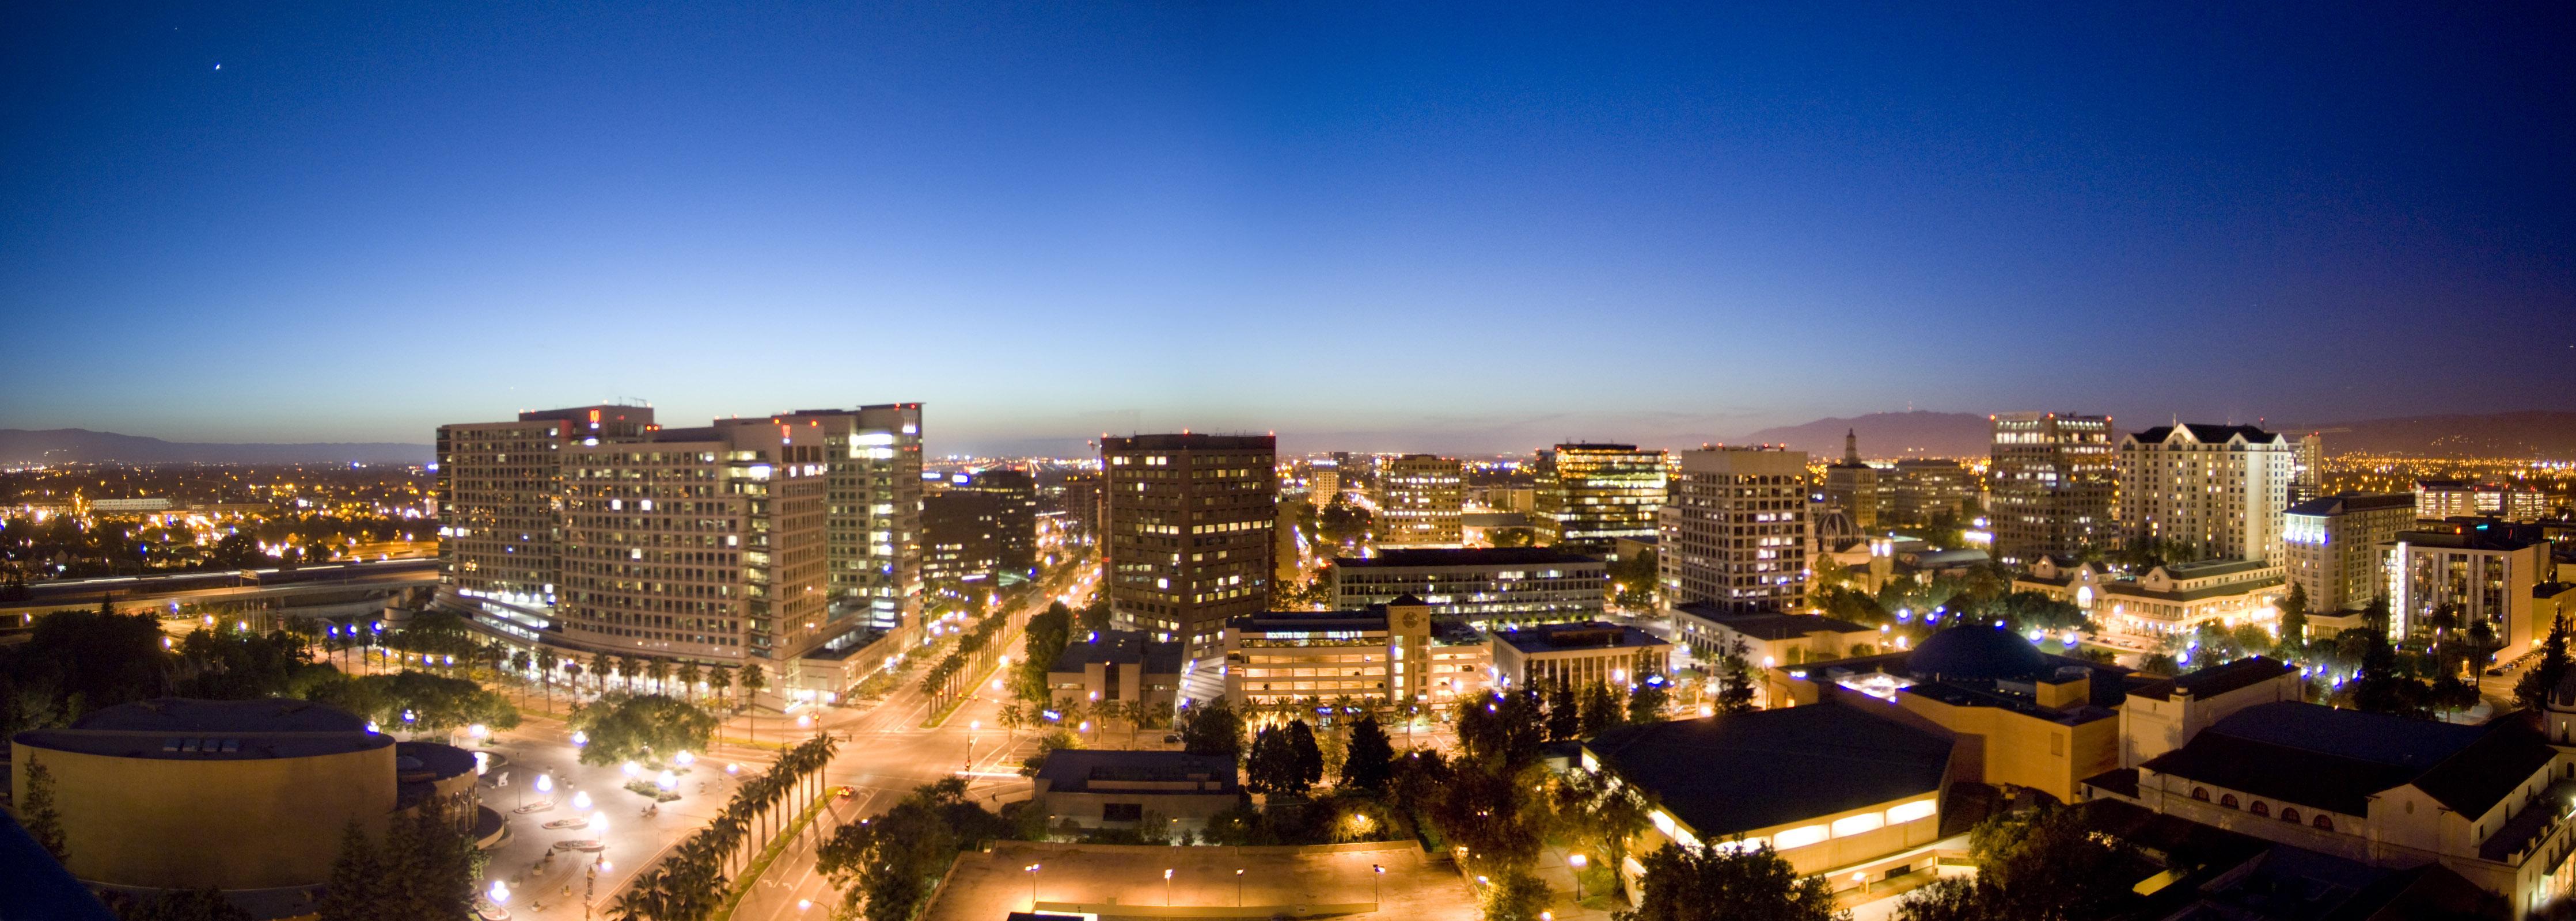 Evening over downtown San Jose, California